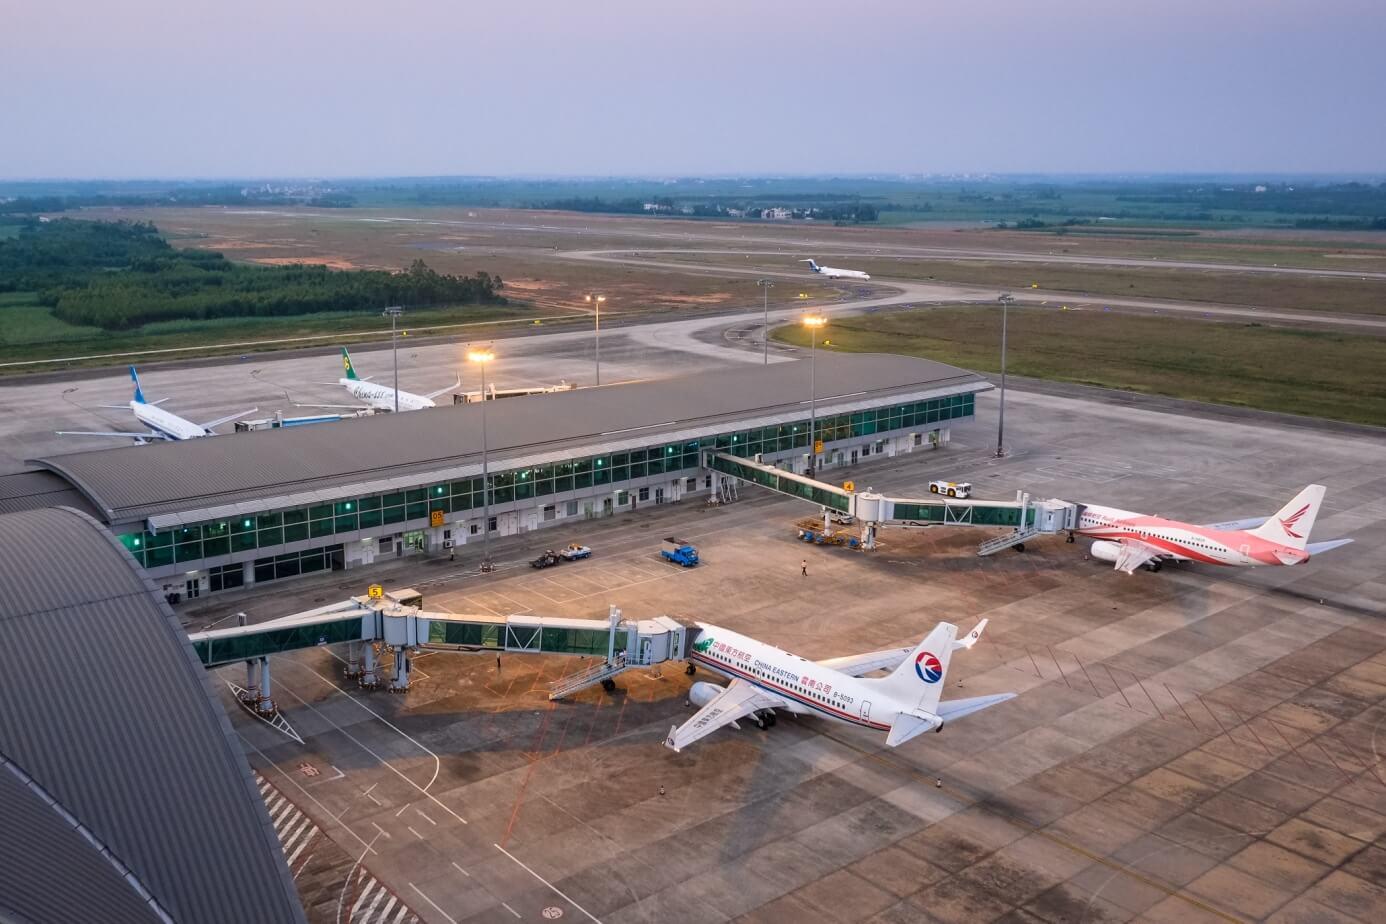 北海福成机场新航站楼停机坪(图片来源《北海年鉴》)